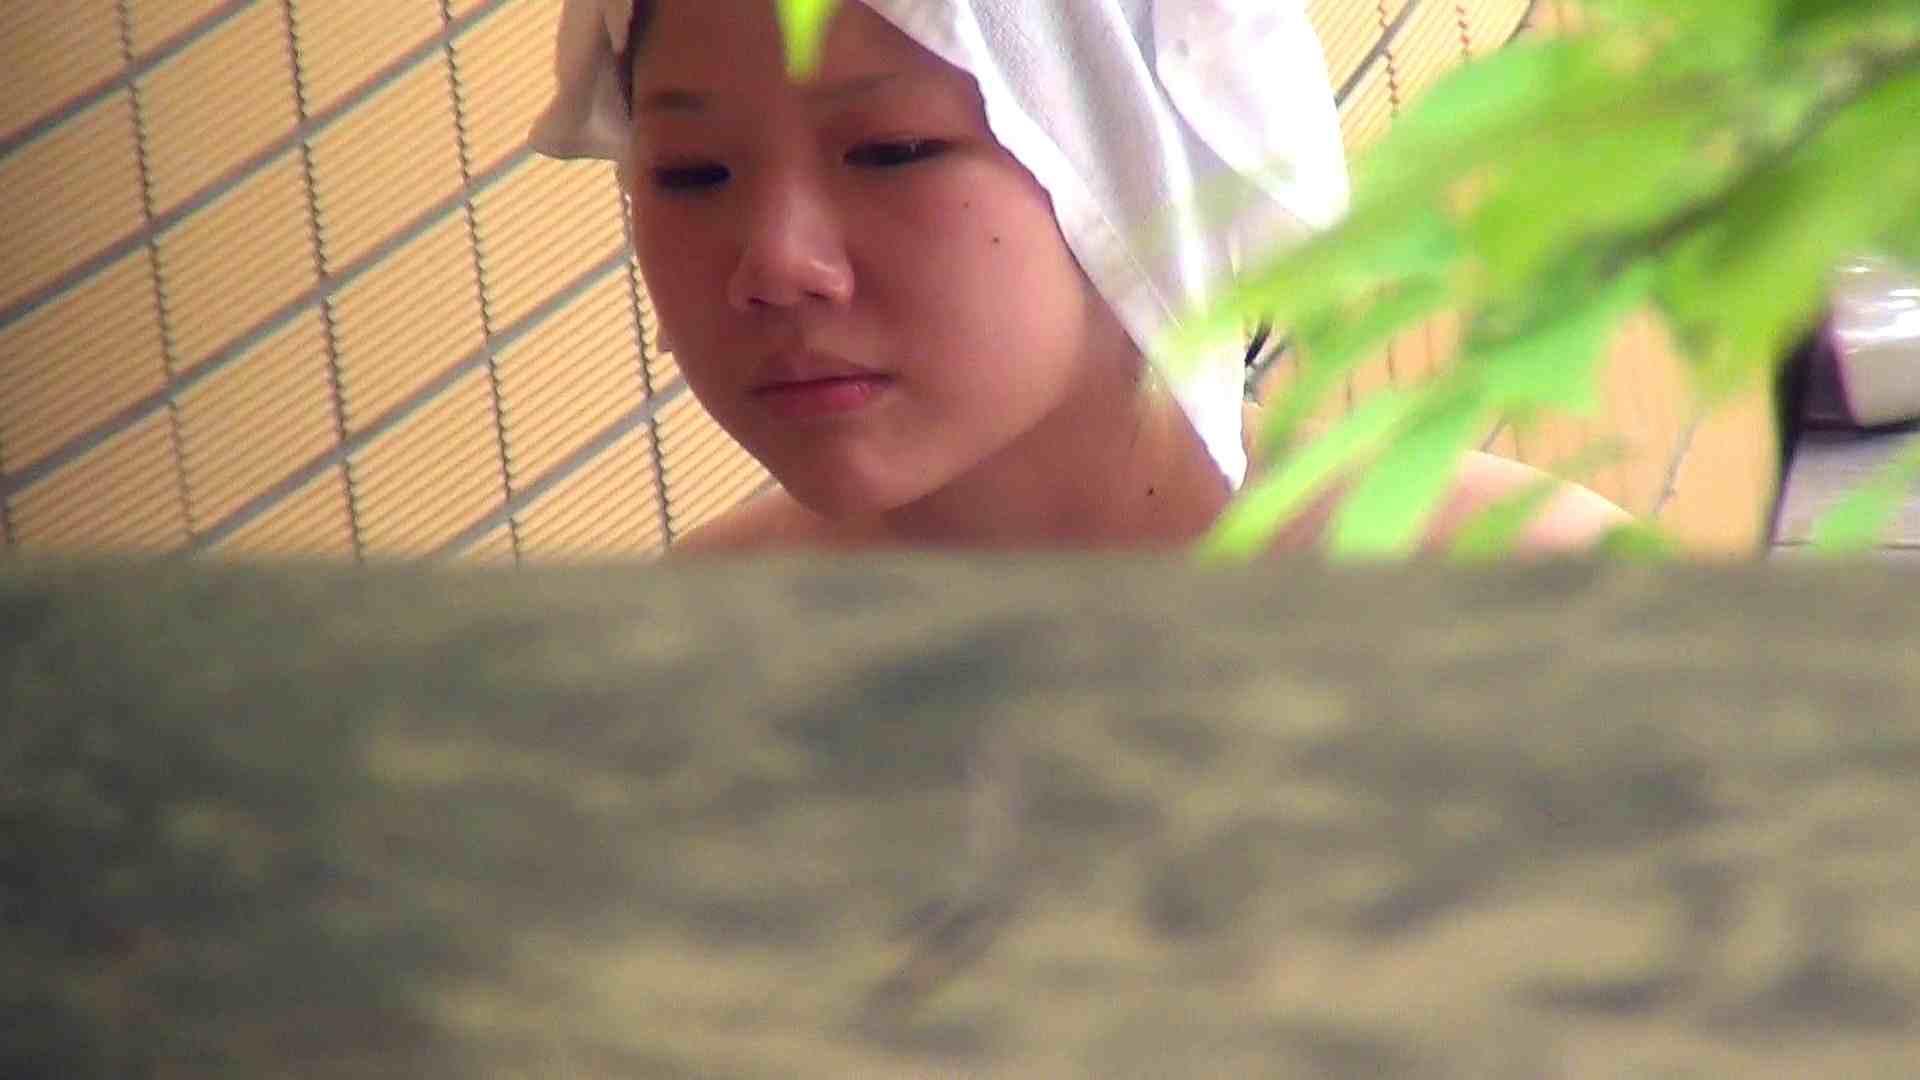 Aquaな露天風呂Vol.275 盗撮   OLのエロ生活  40連発 34